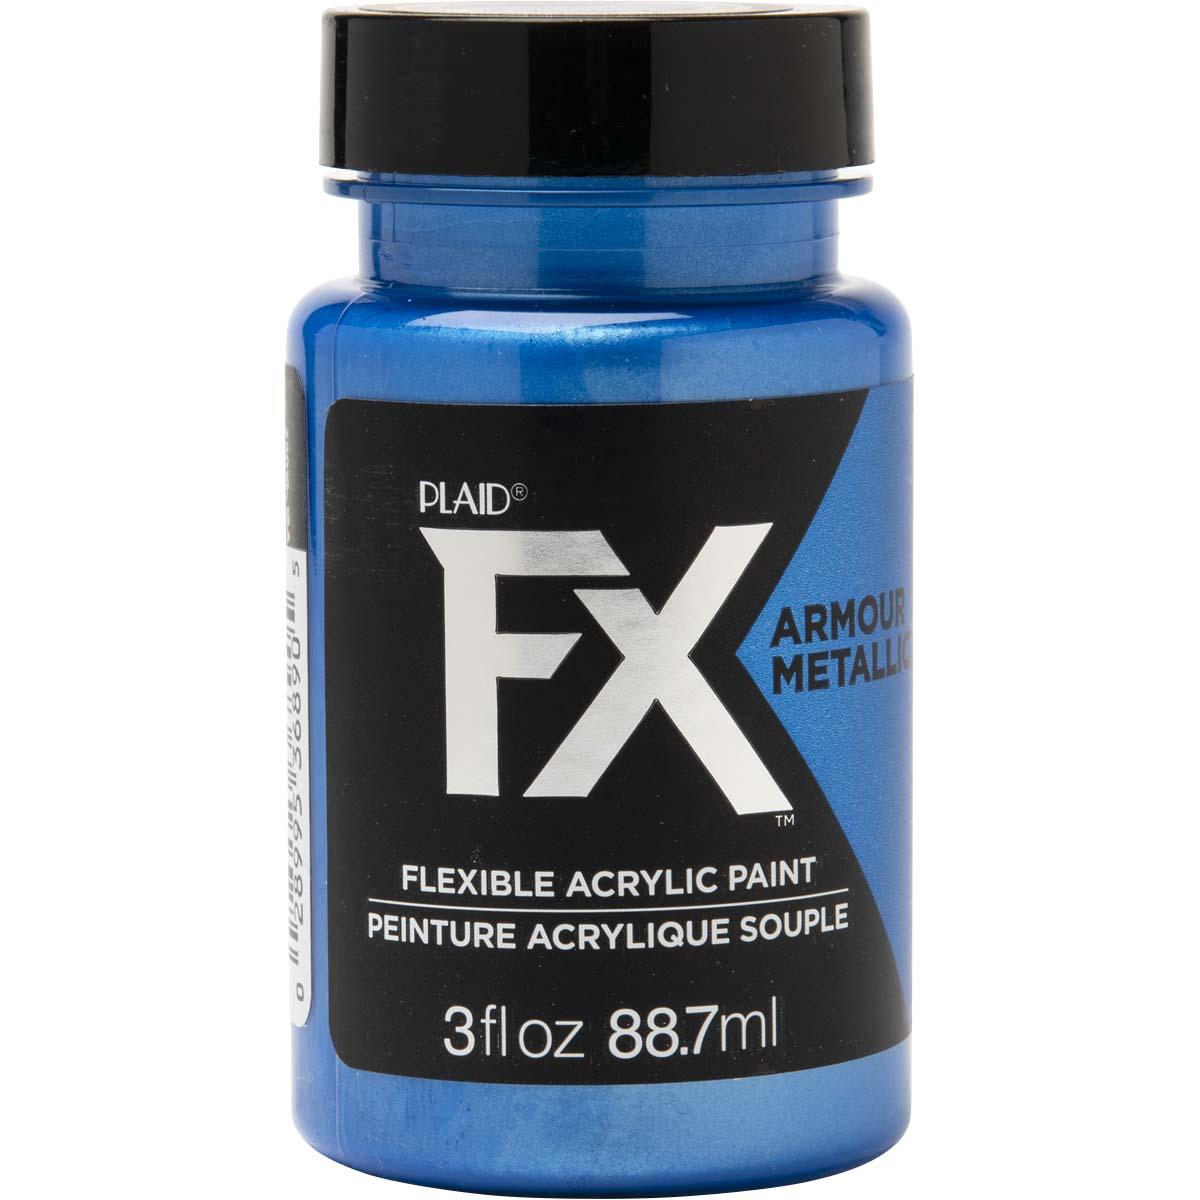 PlaidFX Armour Metal Flexible Acrylic Paint - Saber Blue, 3 oz. - 36890